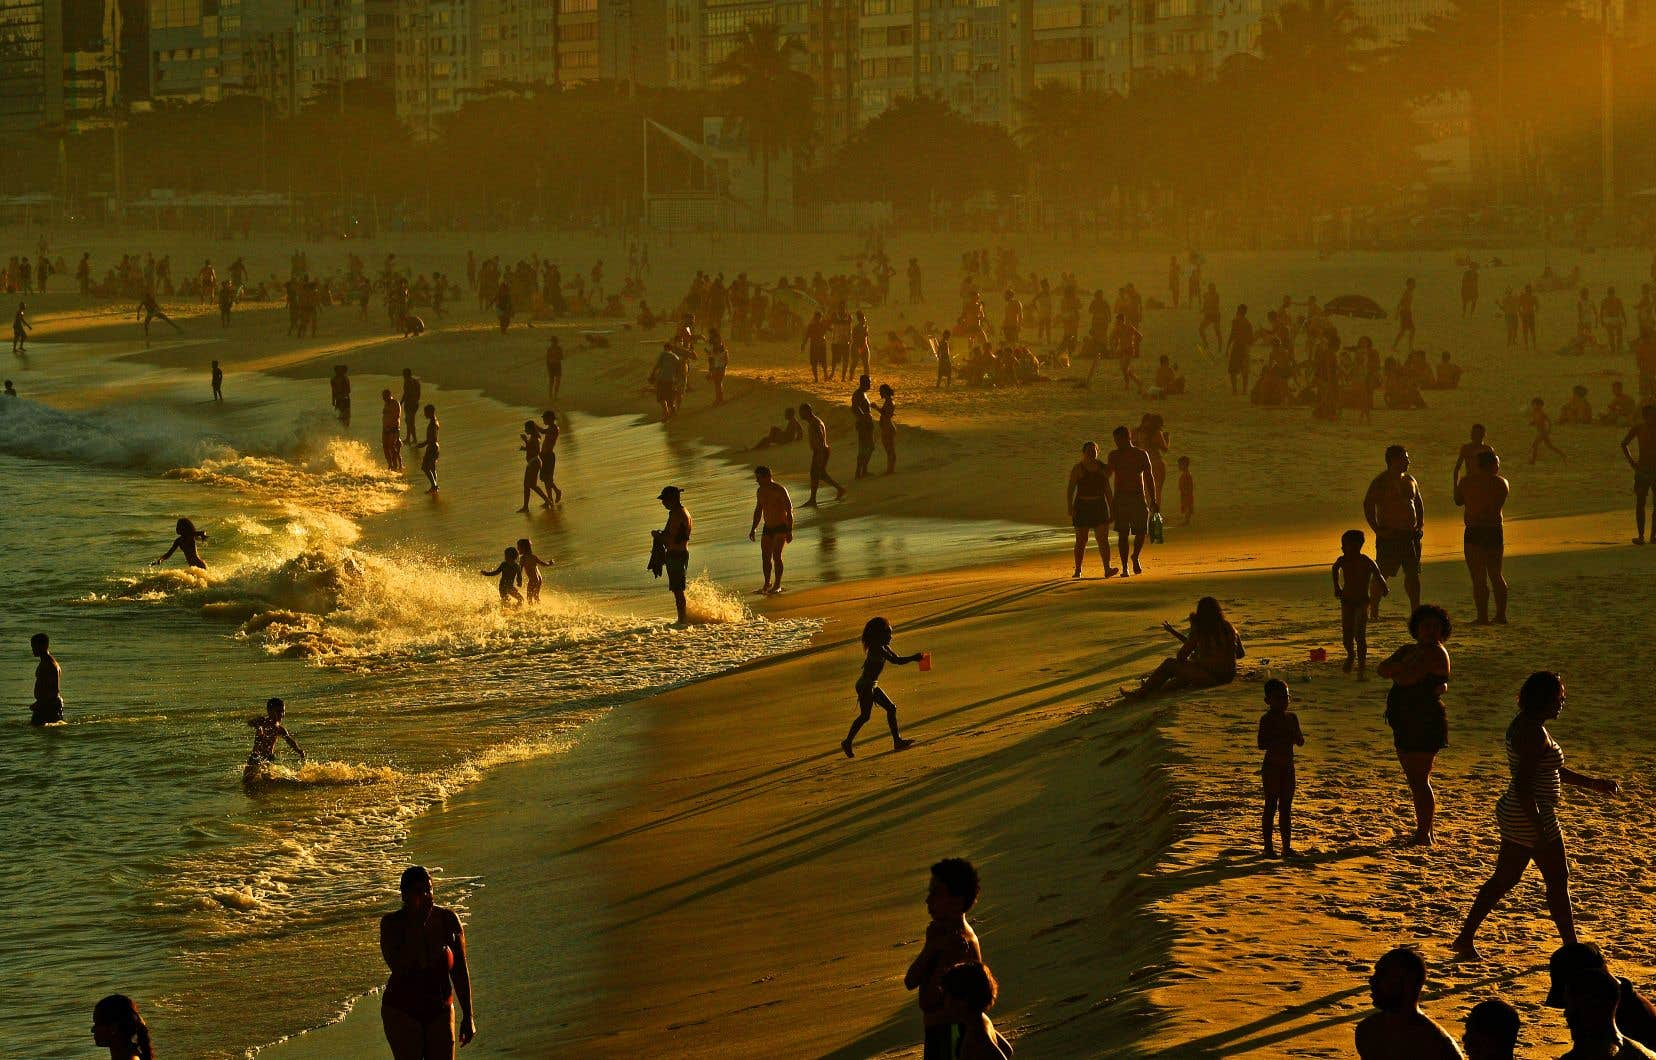 Le bilan a dépassé dimanche 50000 morts au Brésil, le deuxième pays le plus endeuillé du monde derrière les États-Unis.